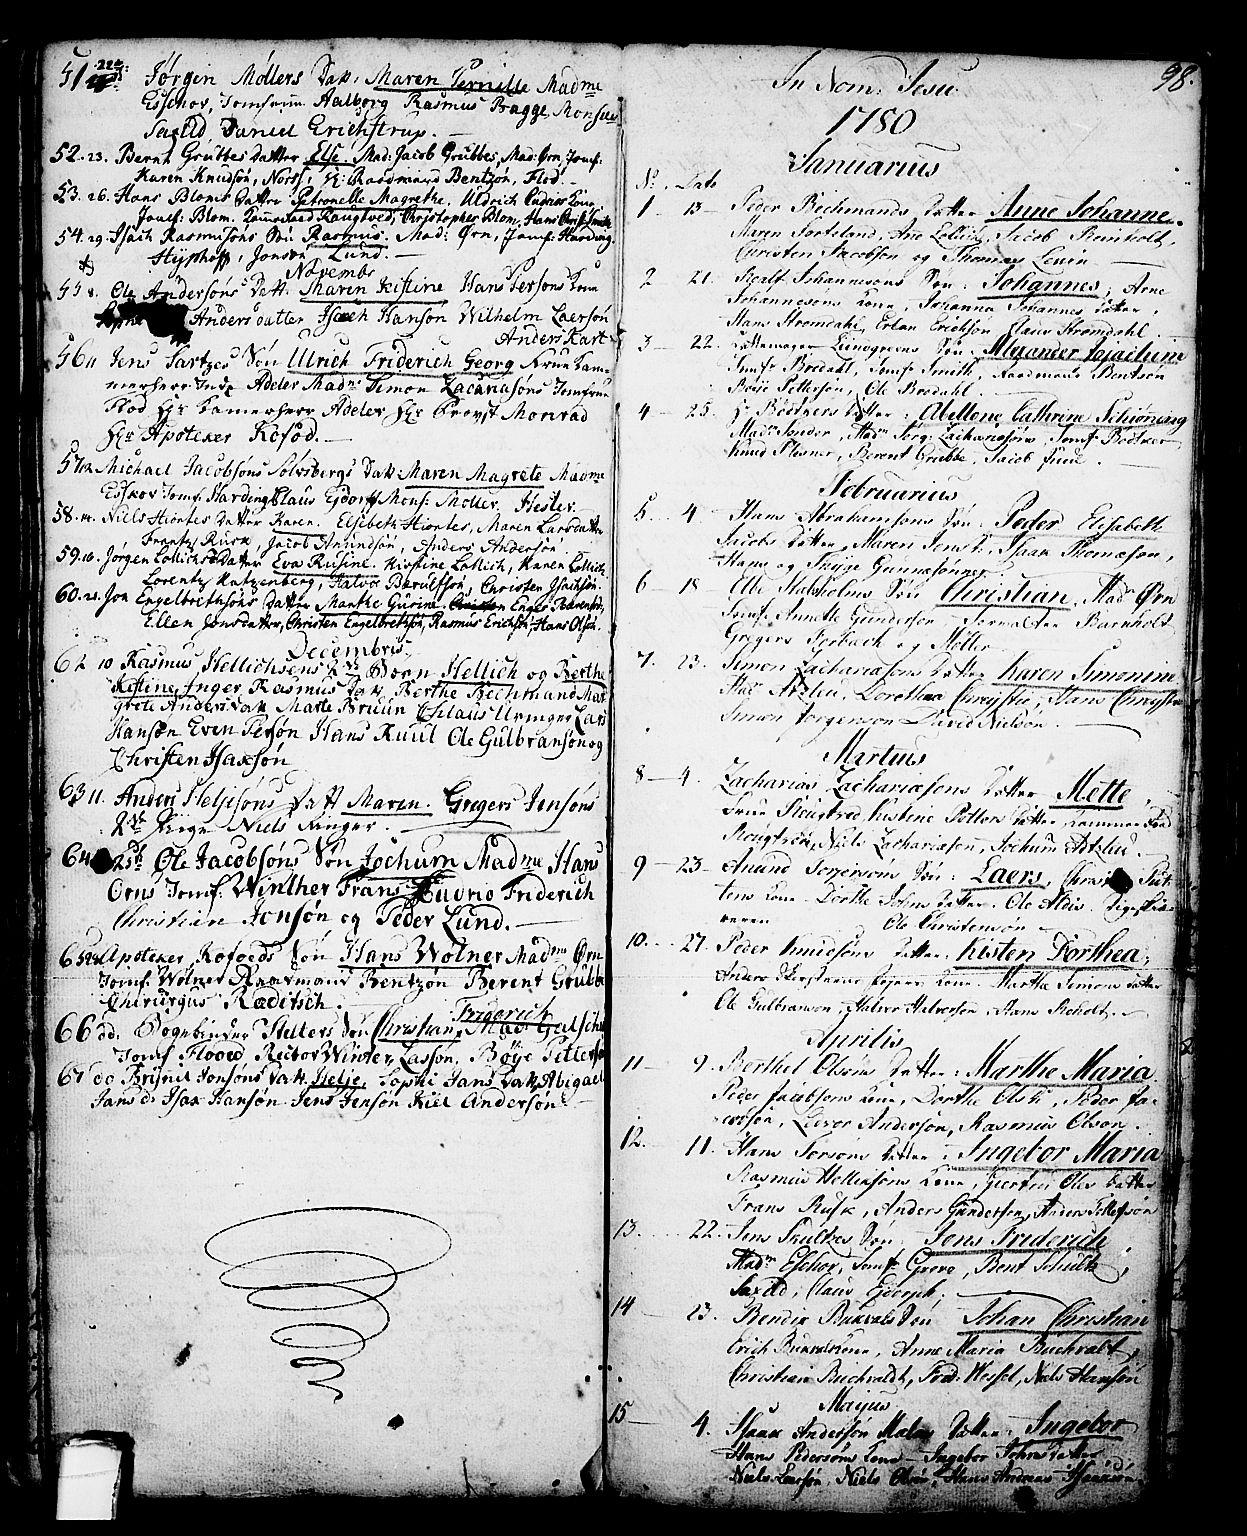 SAKO, Skien kirkebøker, G/Ga/L0001: Klokkerbok nr. 1, 1756-1791, s. 98